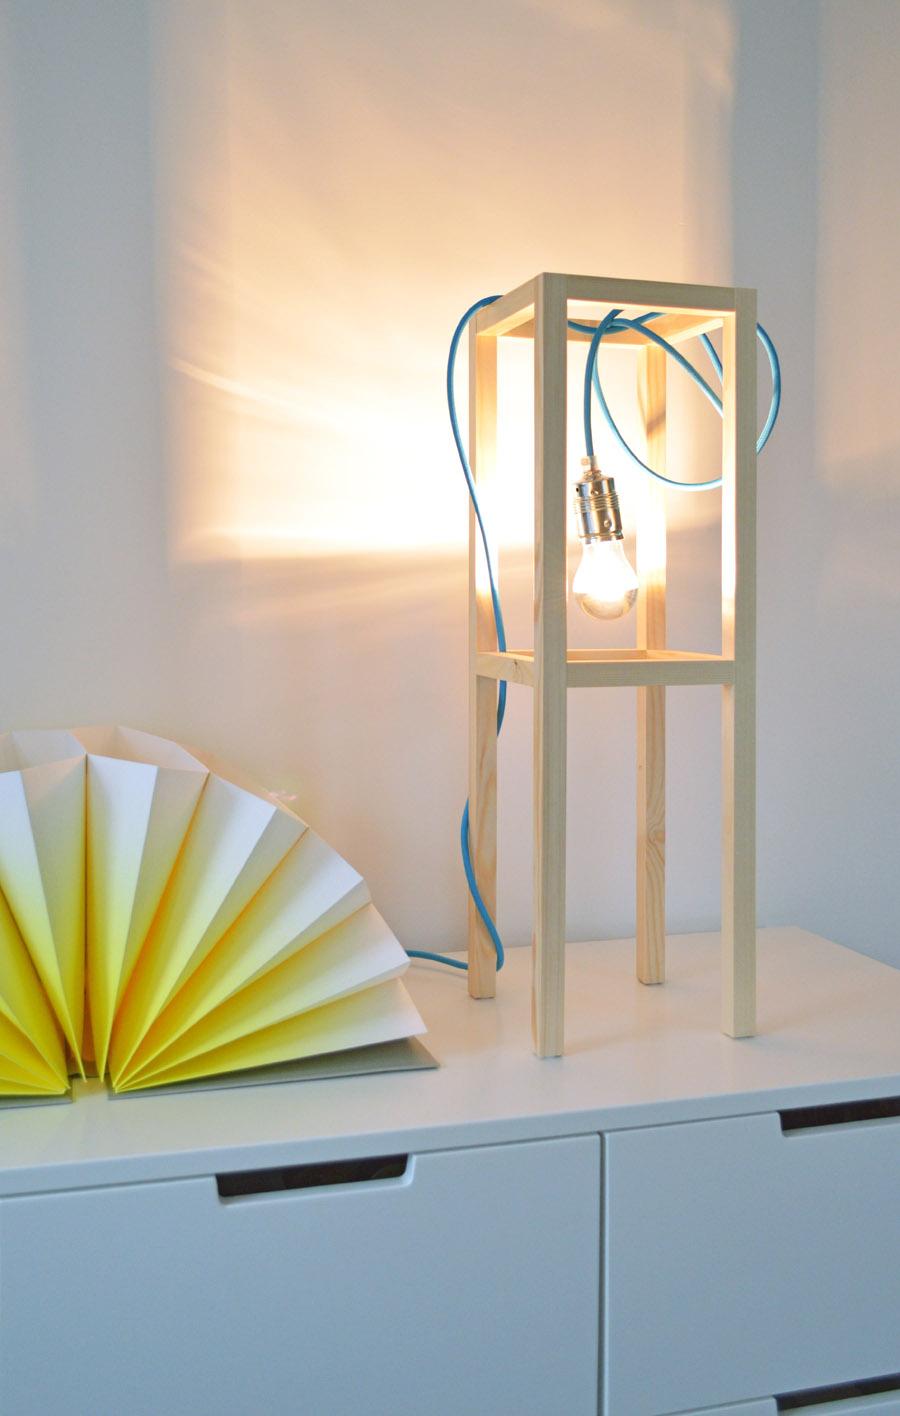 DIY Lampe Tischleuchte selber machen - ICH DESIGNER